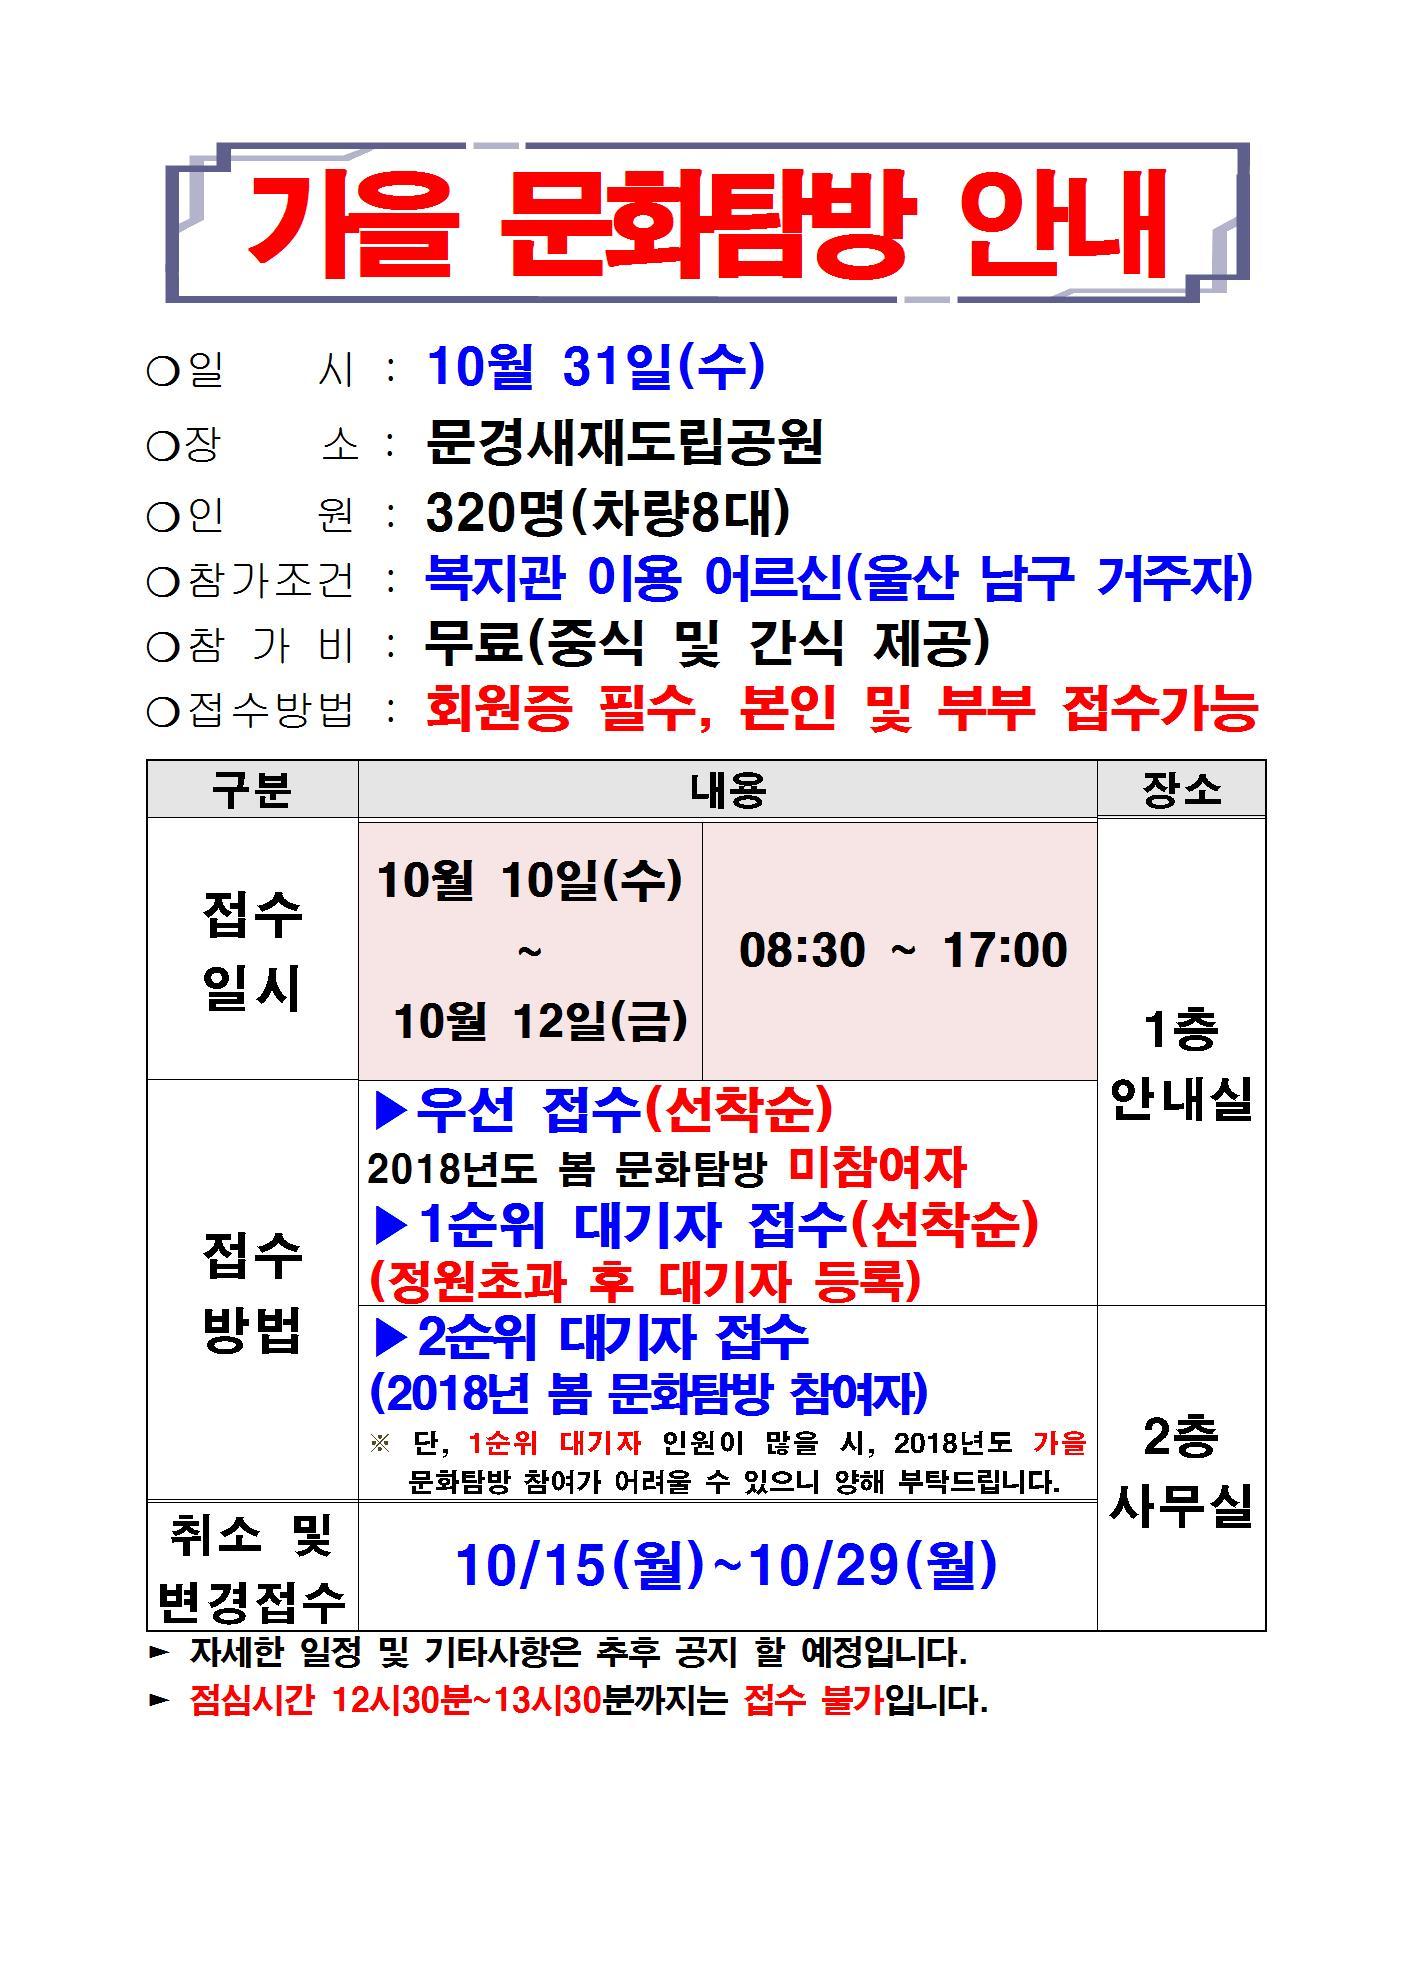 2018 가을 문화탐방 접수홍보 A3(1)001.jpg